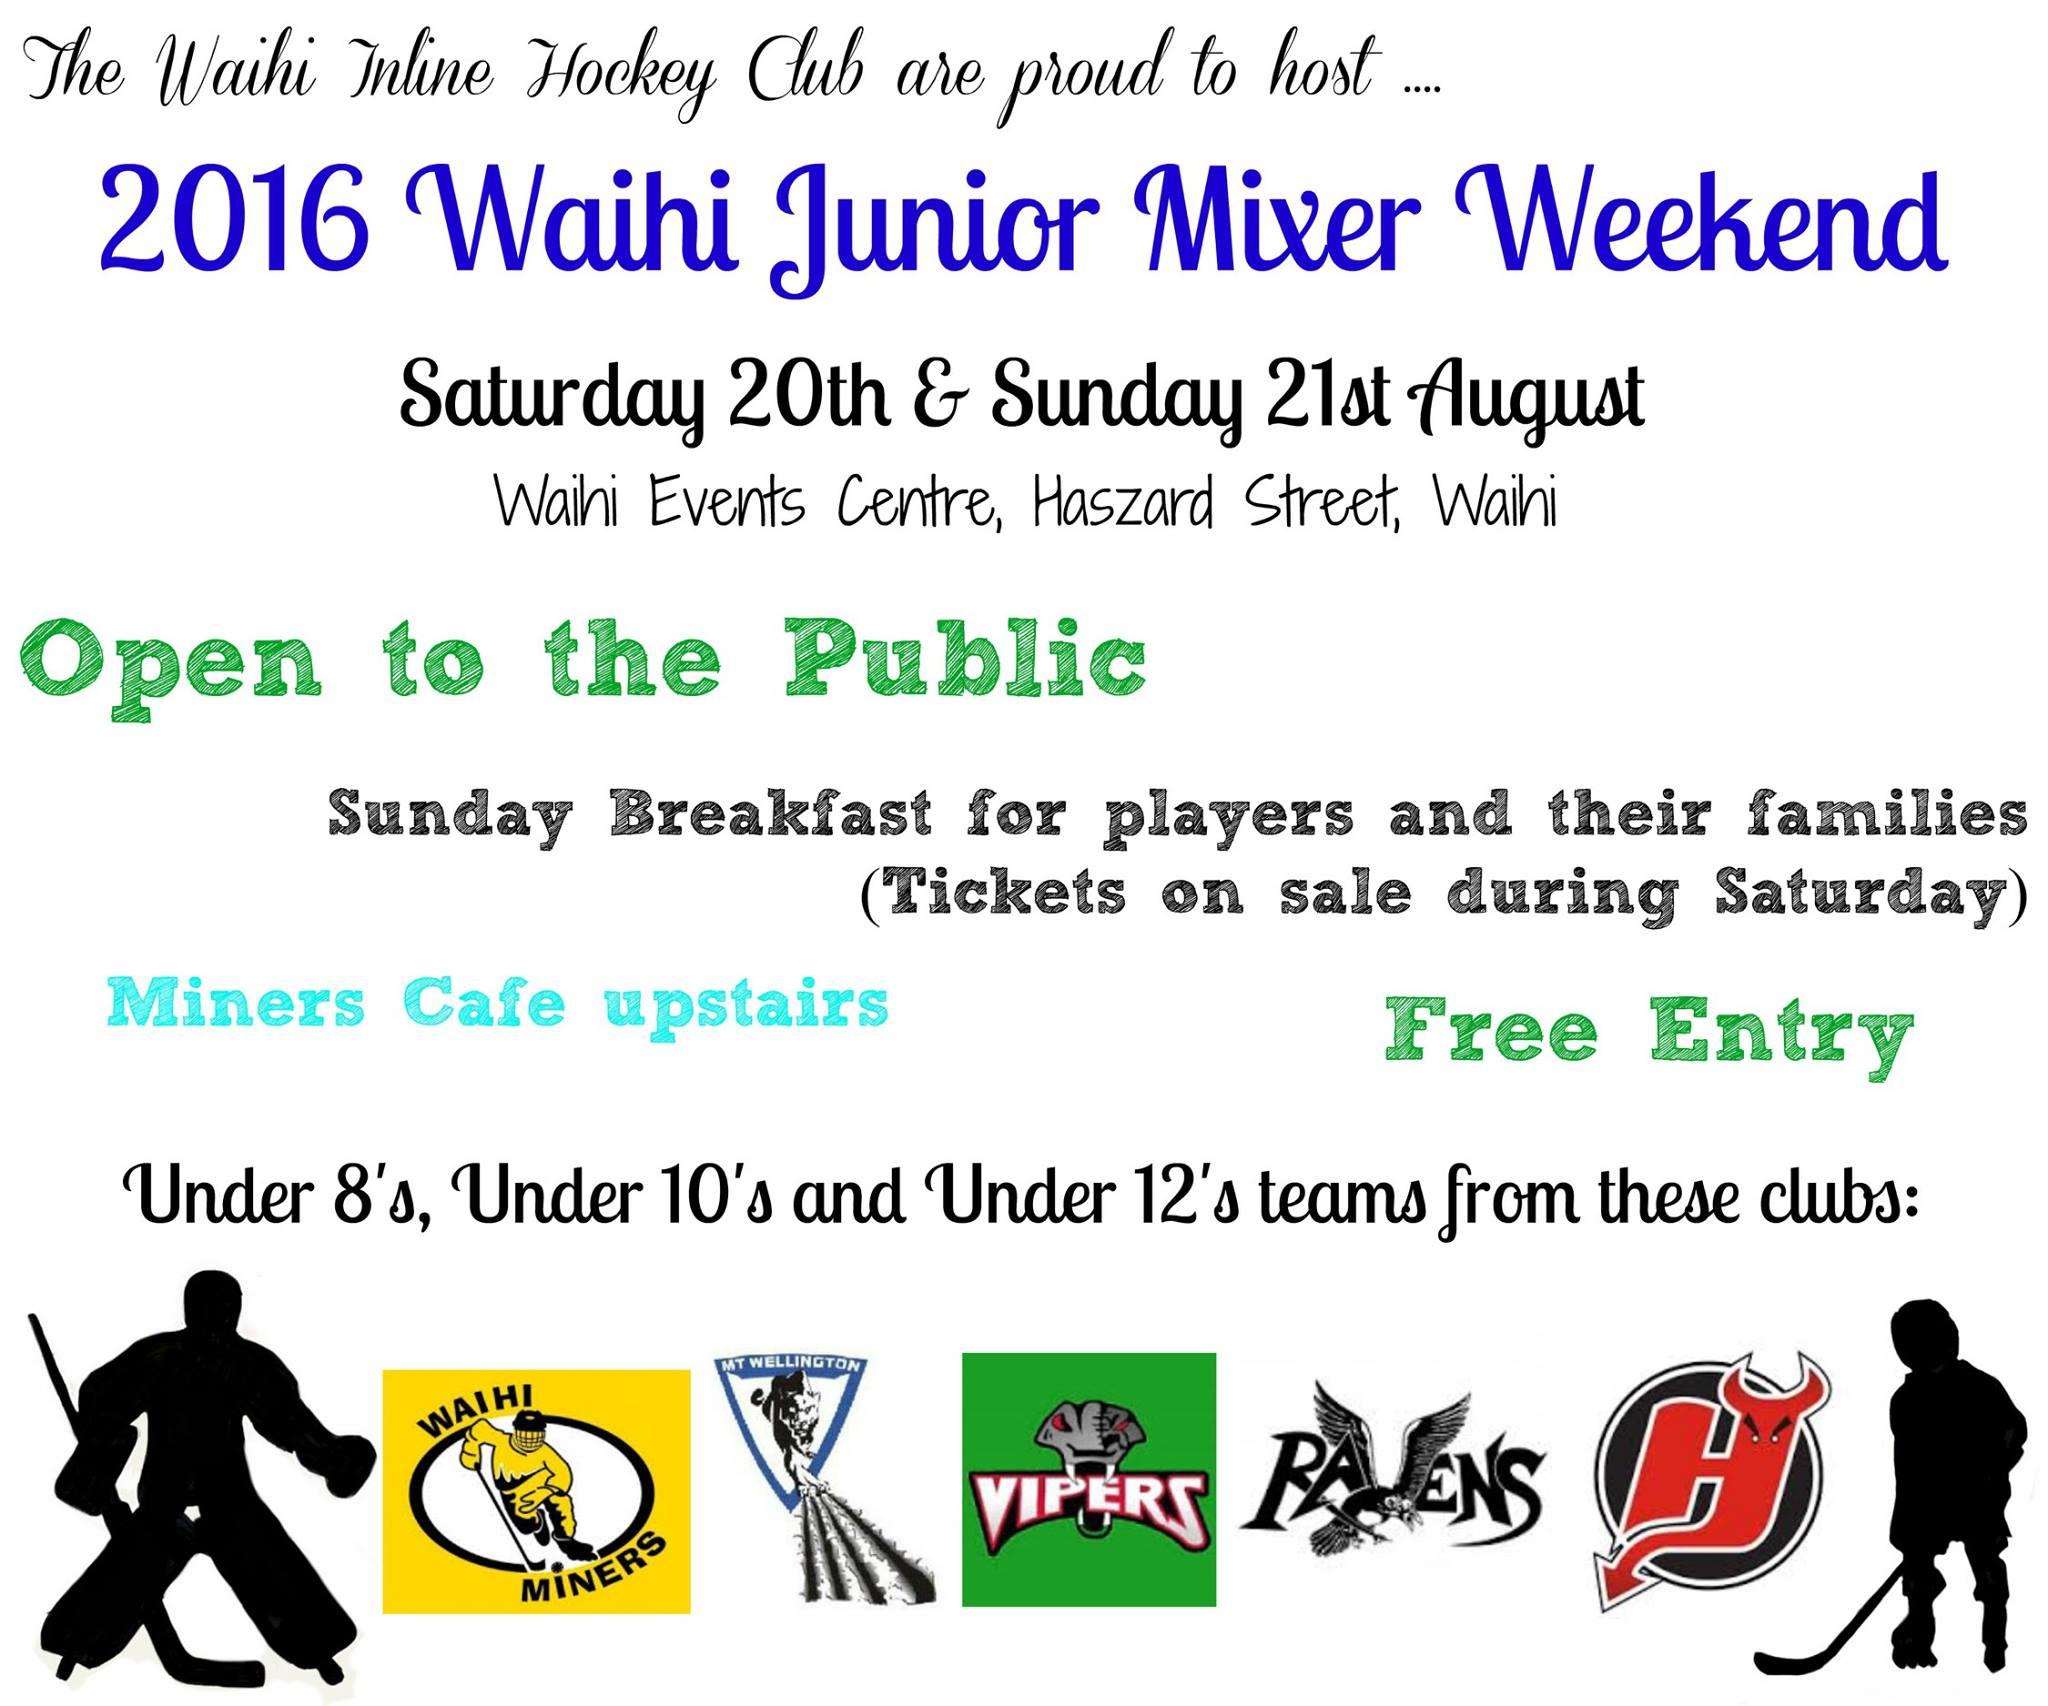 Junior Mixer Weekend Poster 2016